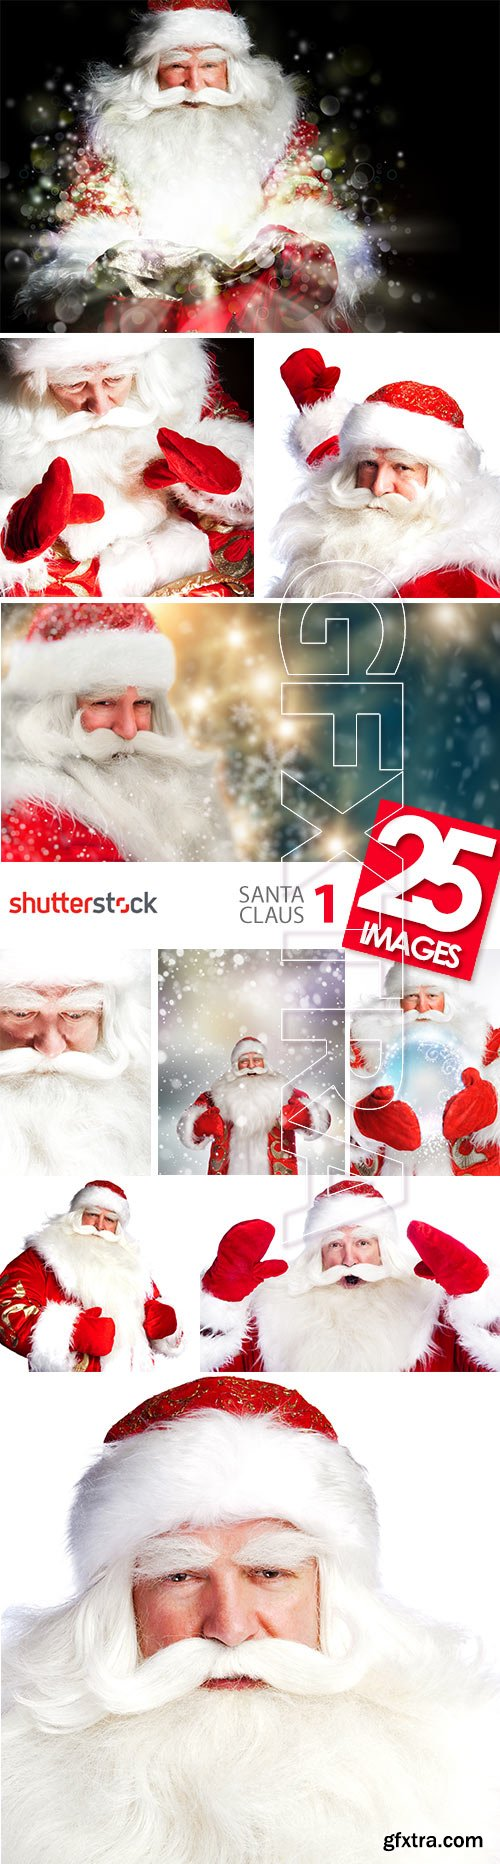 Santa Claus I, 25xJPGs